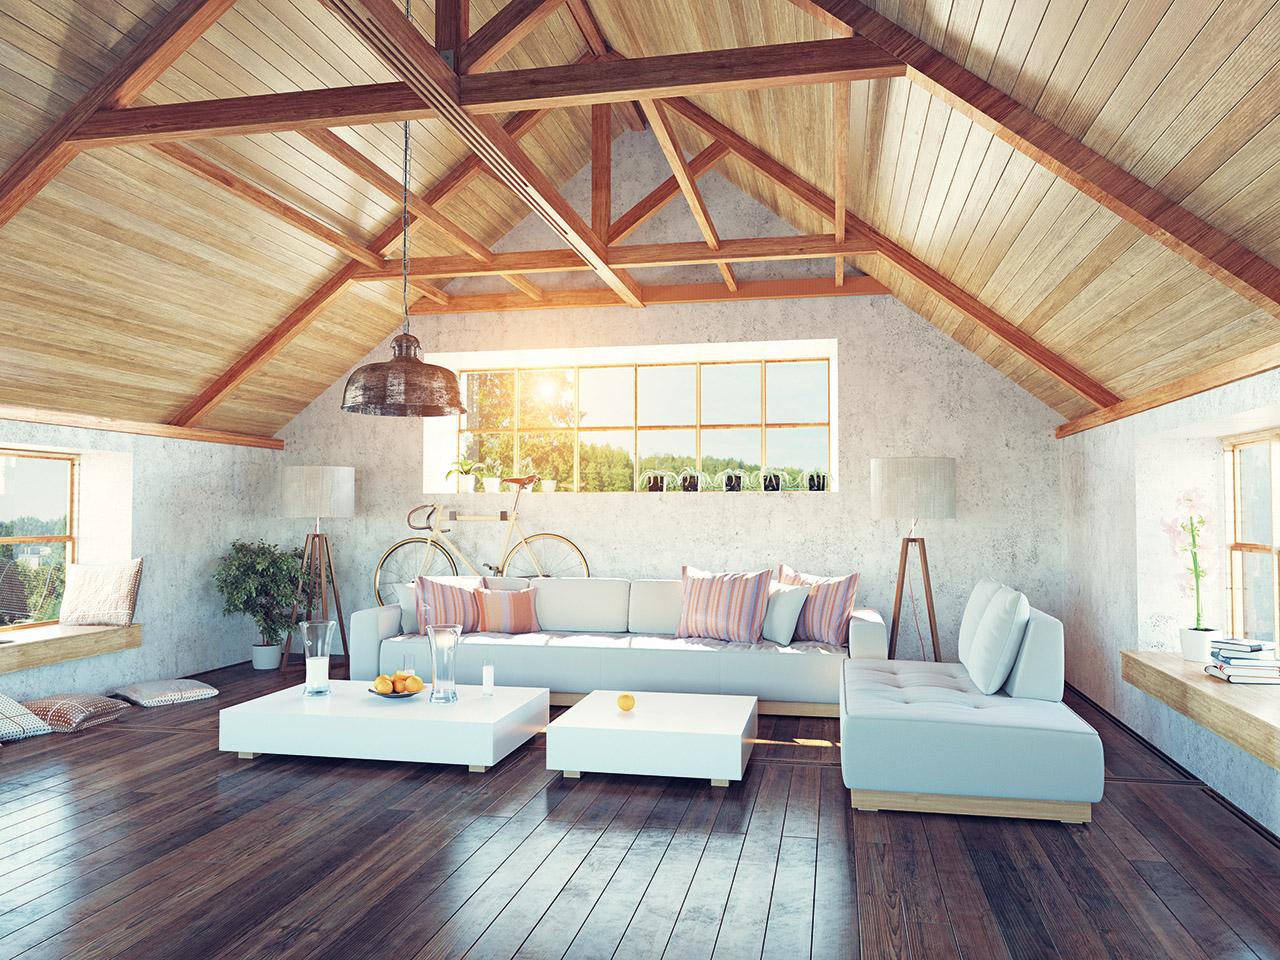 Visualisierung Interieur Dachbodenausbau